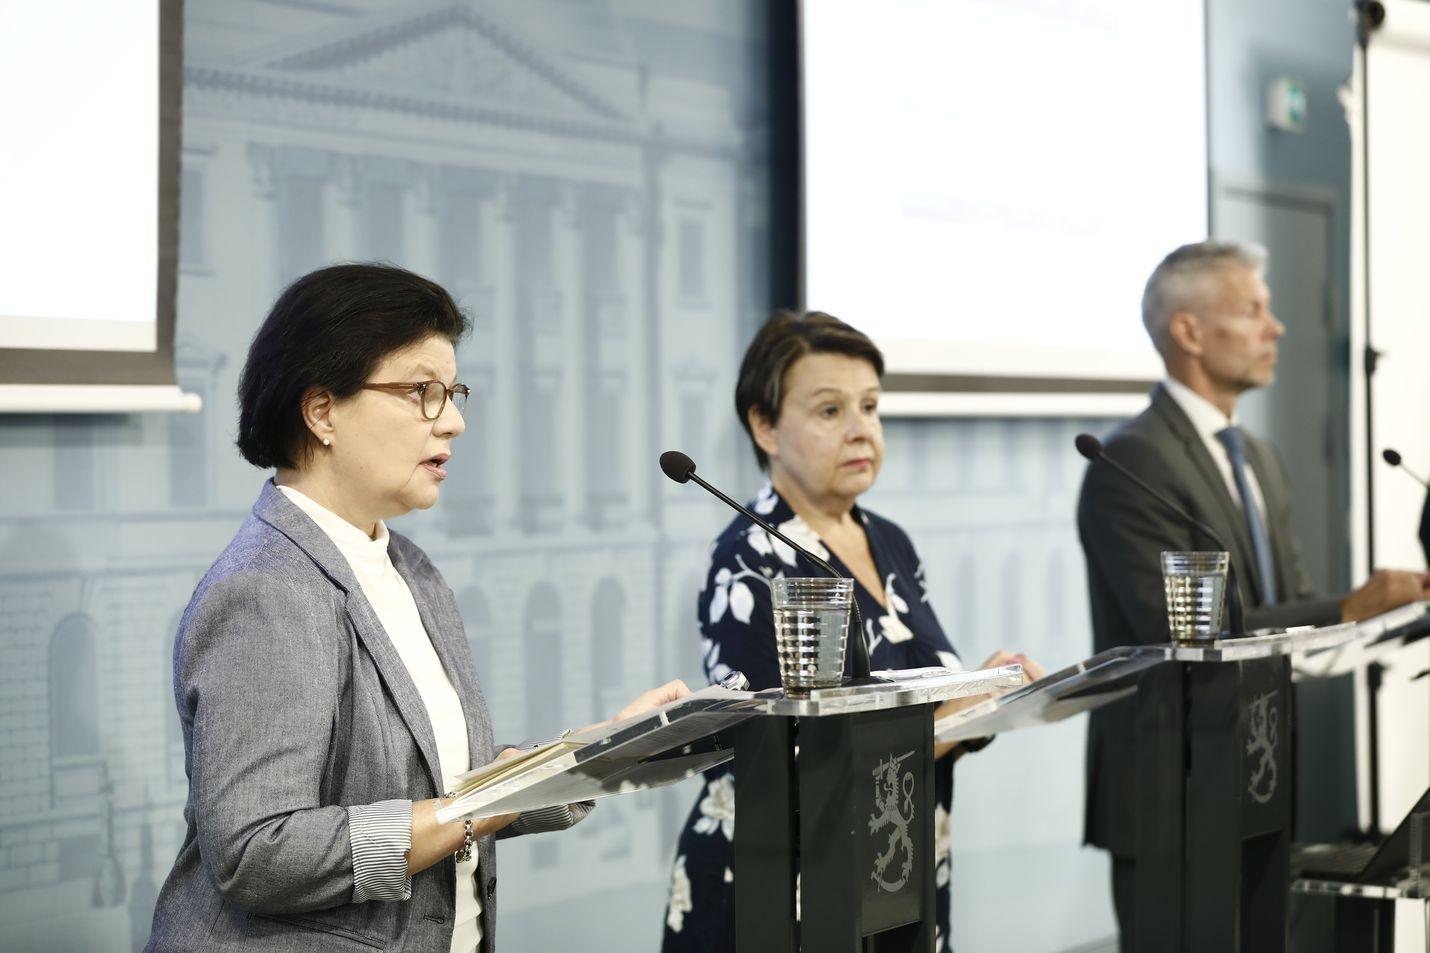 Liisa-Maria Voipio-Pulkki, Kirsi Varhila ja Taneli Puumalainen kertoivat varautumisesta syksyn koronaepidemian eri skenaarioihin.